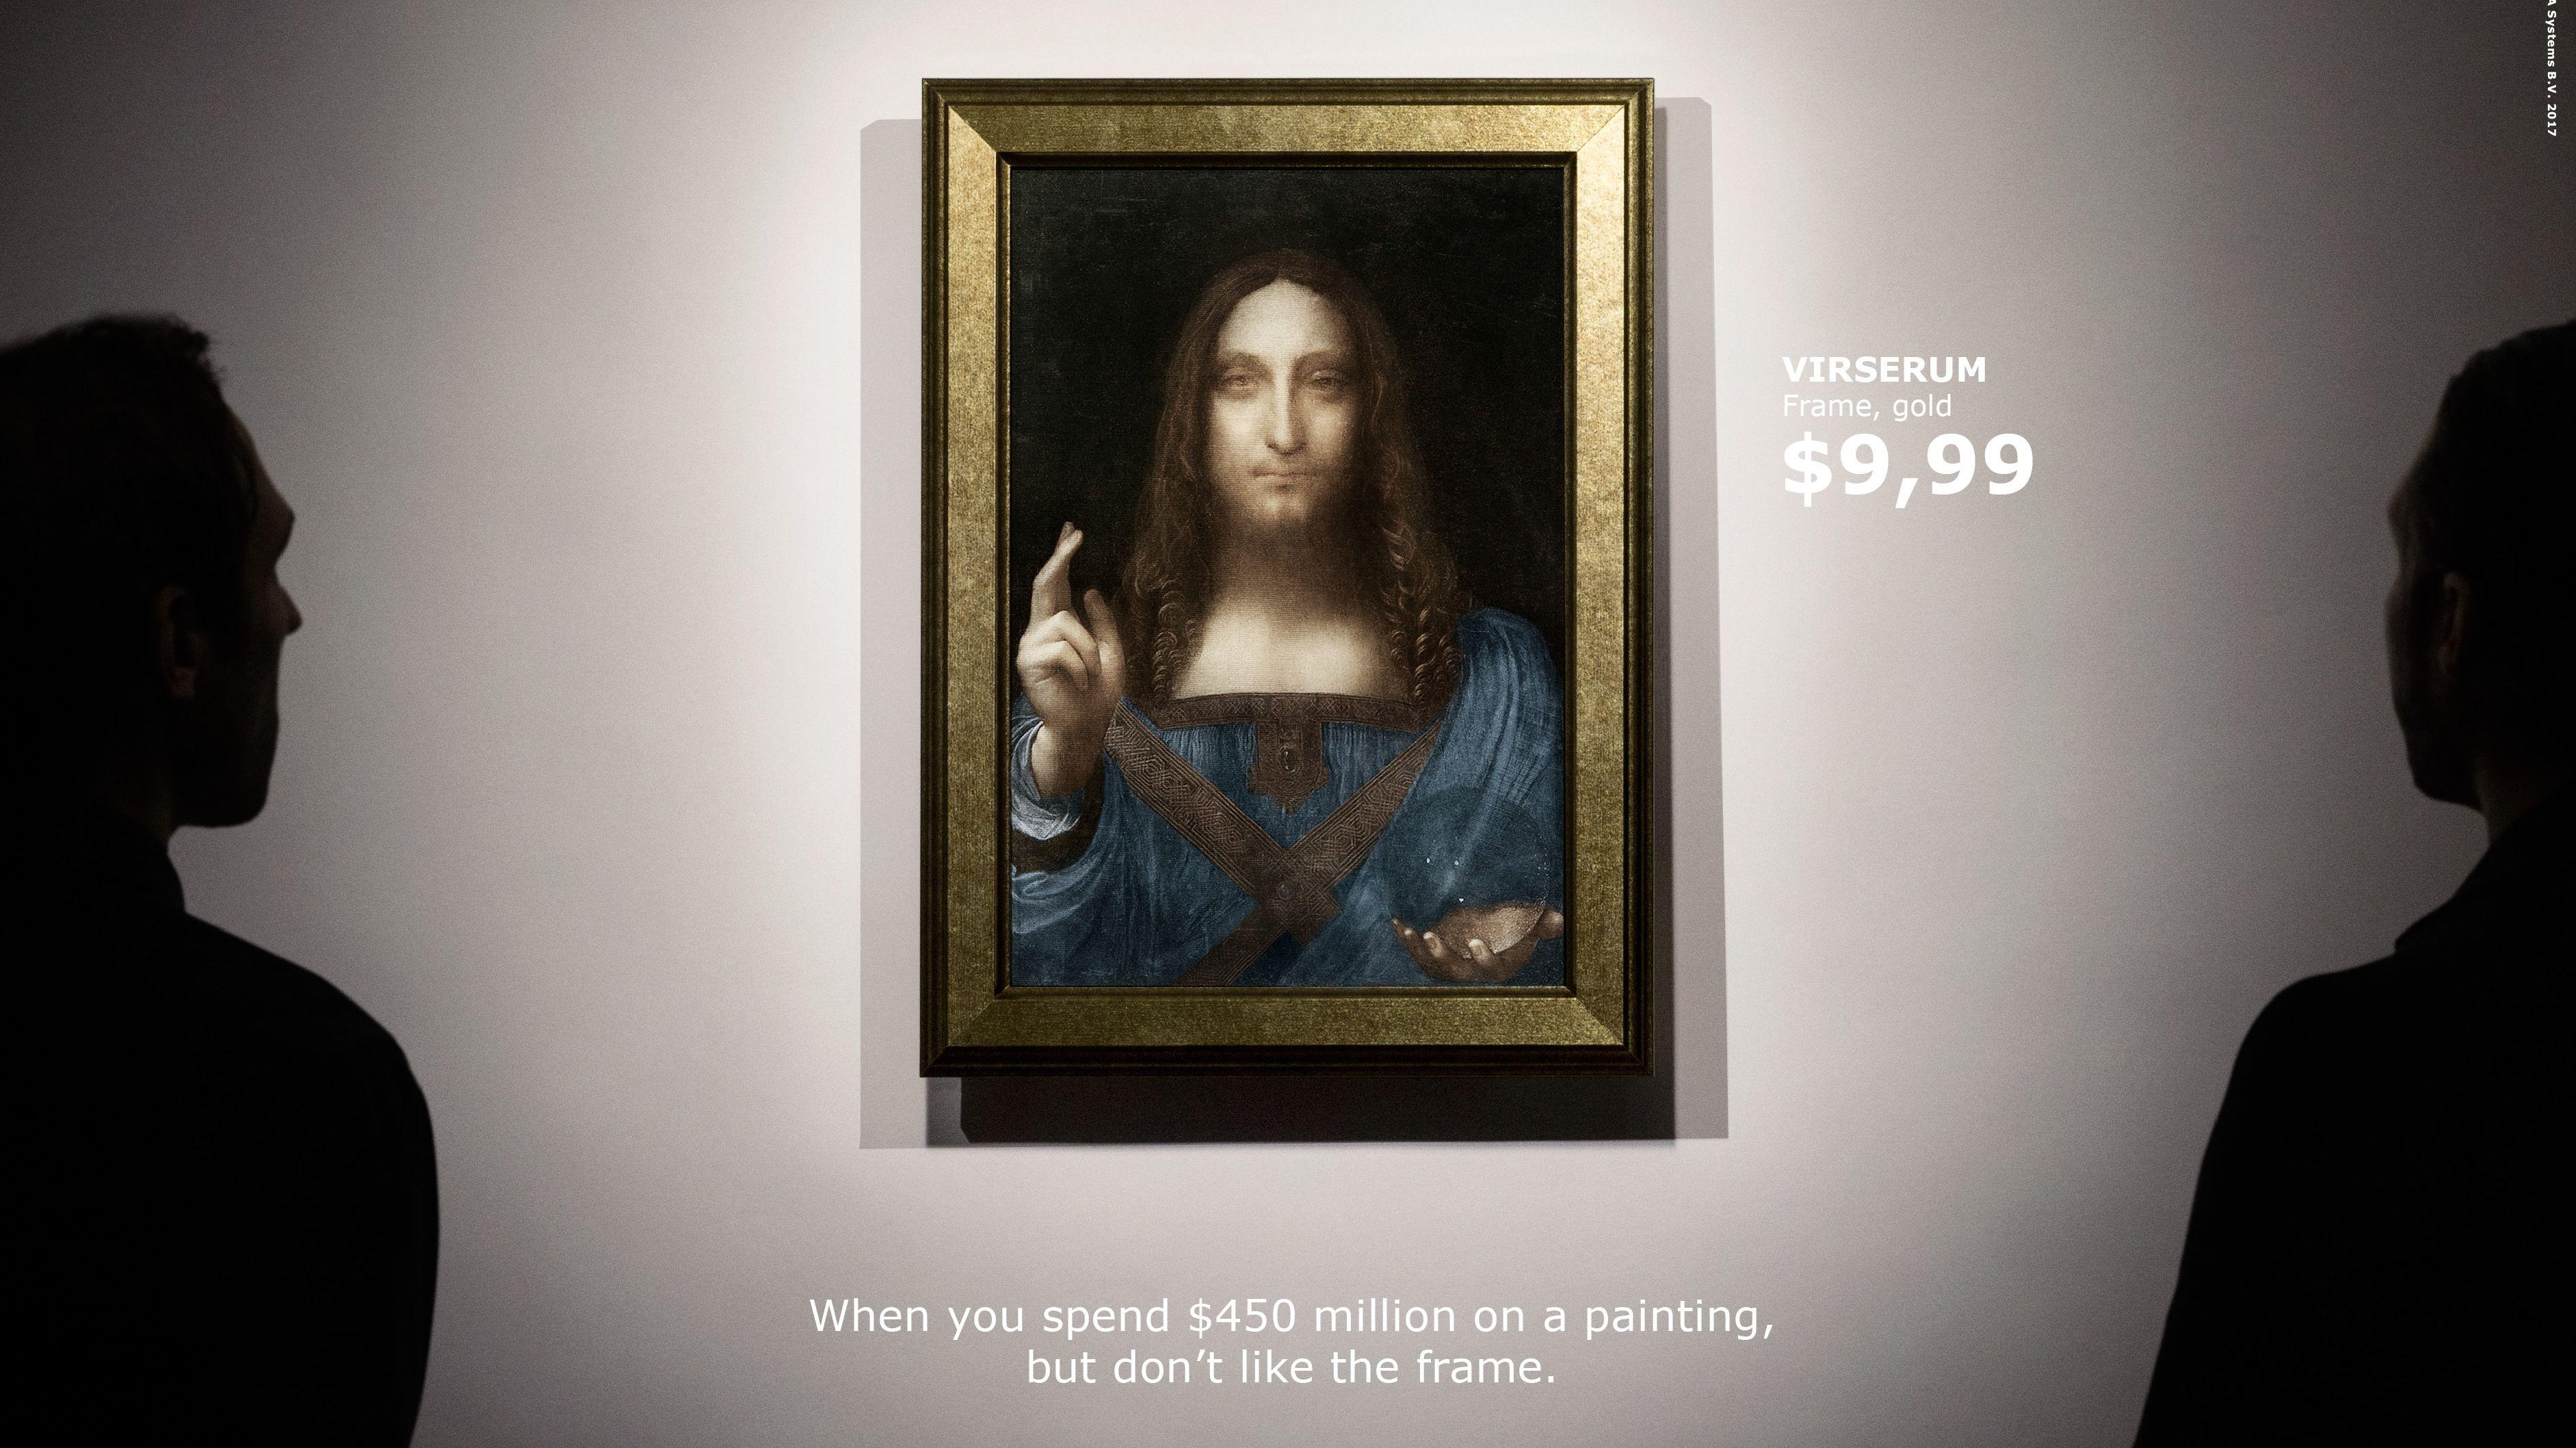 Möbelriese: Wie sich Ikea in die Debatte um das 450-Mio-Dollar ...